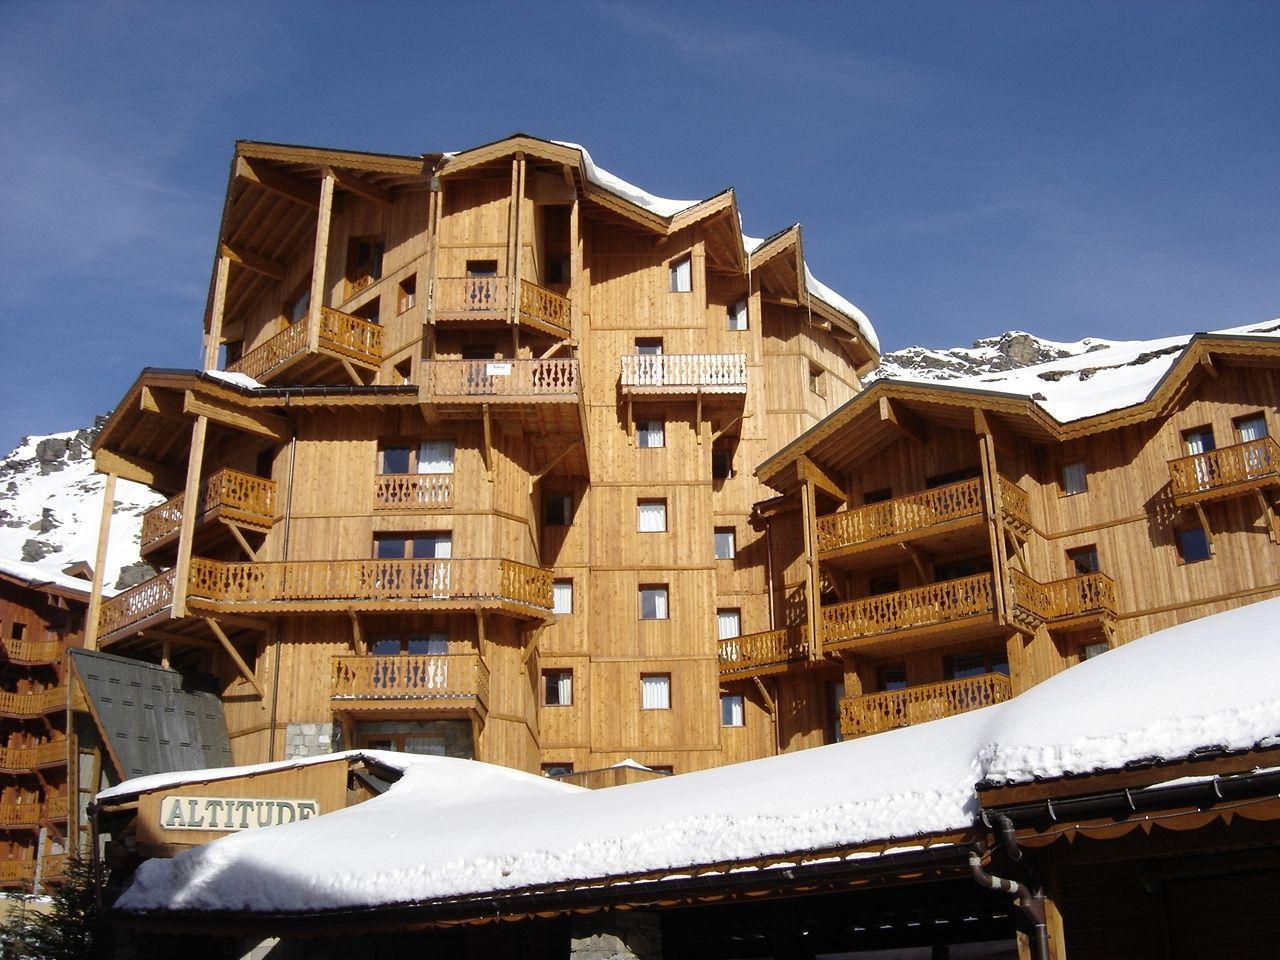 Chalet-appartement Altitude - 6 personen in Val Thorens - Les Trois Vallées, Frankrijk foto 733290